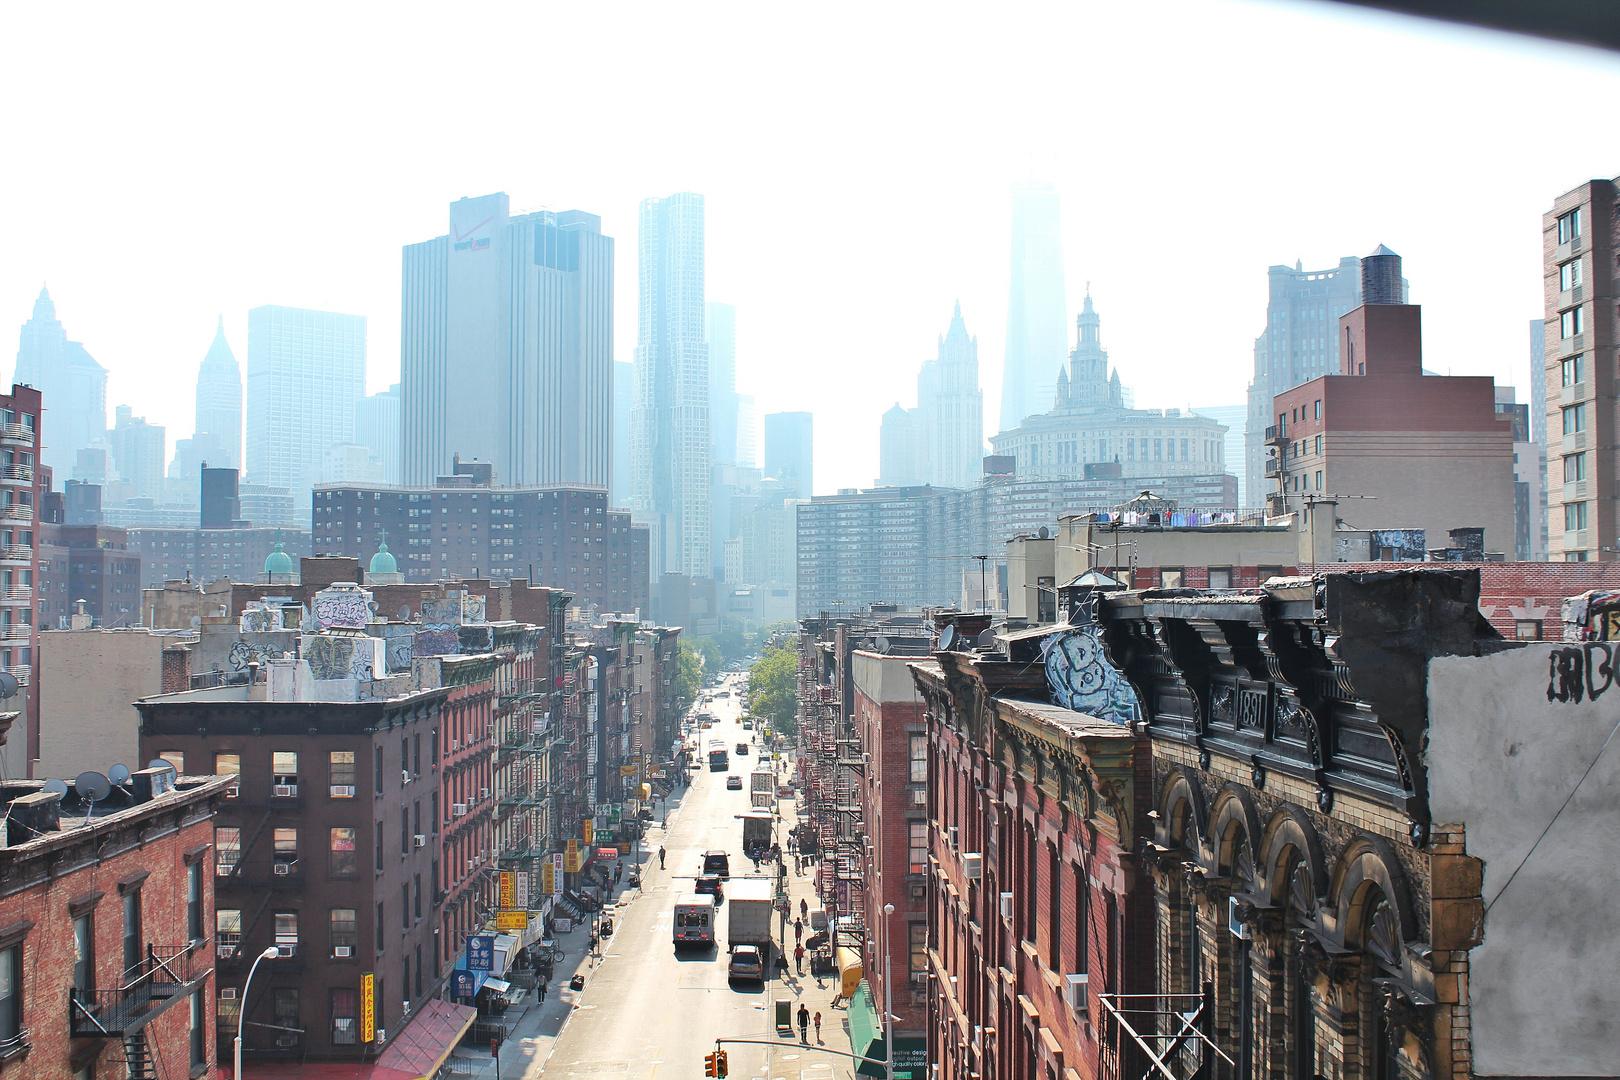 Street New York City Hoboken